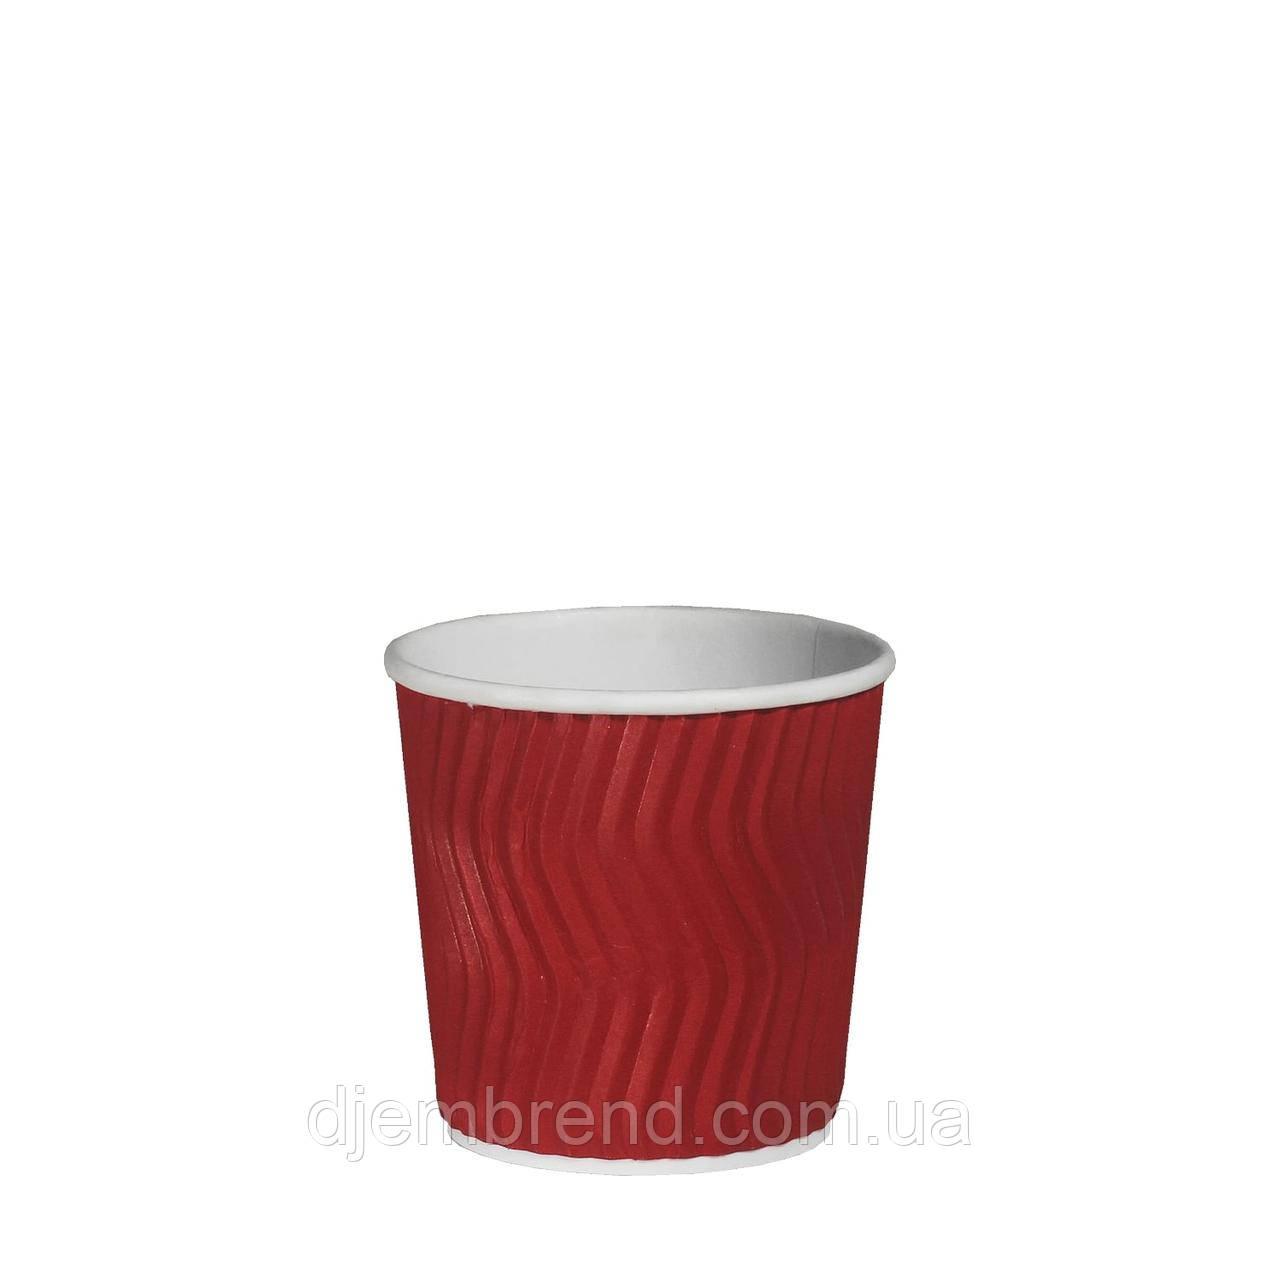 Стакан бумажный гофрированный Красный волна 110мл 30шт/уп (1ящ/48уп/1440шт)